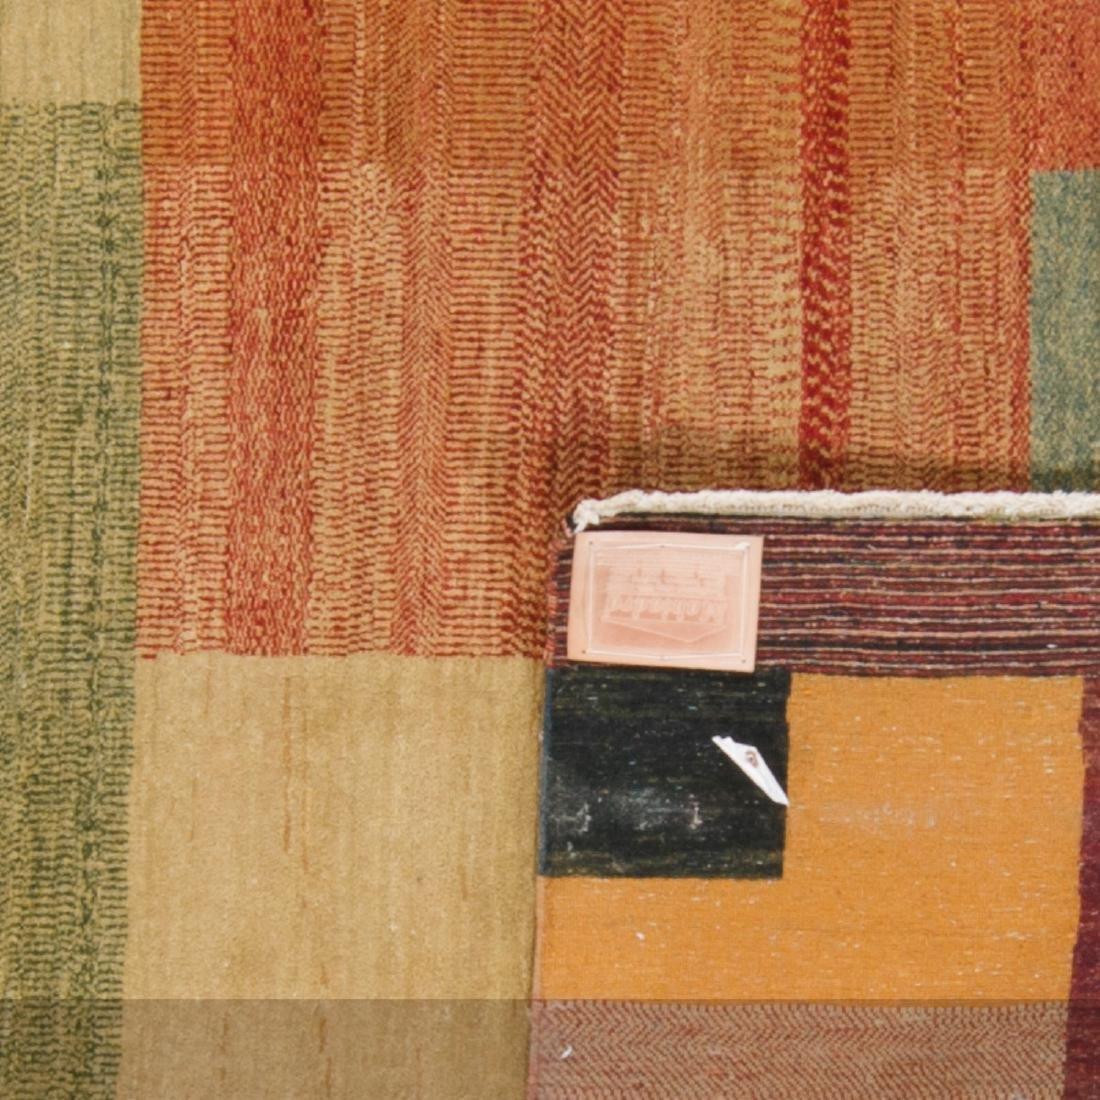 Teddy Sumner Design Mahindra Rug: 5'0'' x 7'2'' - 2